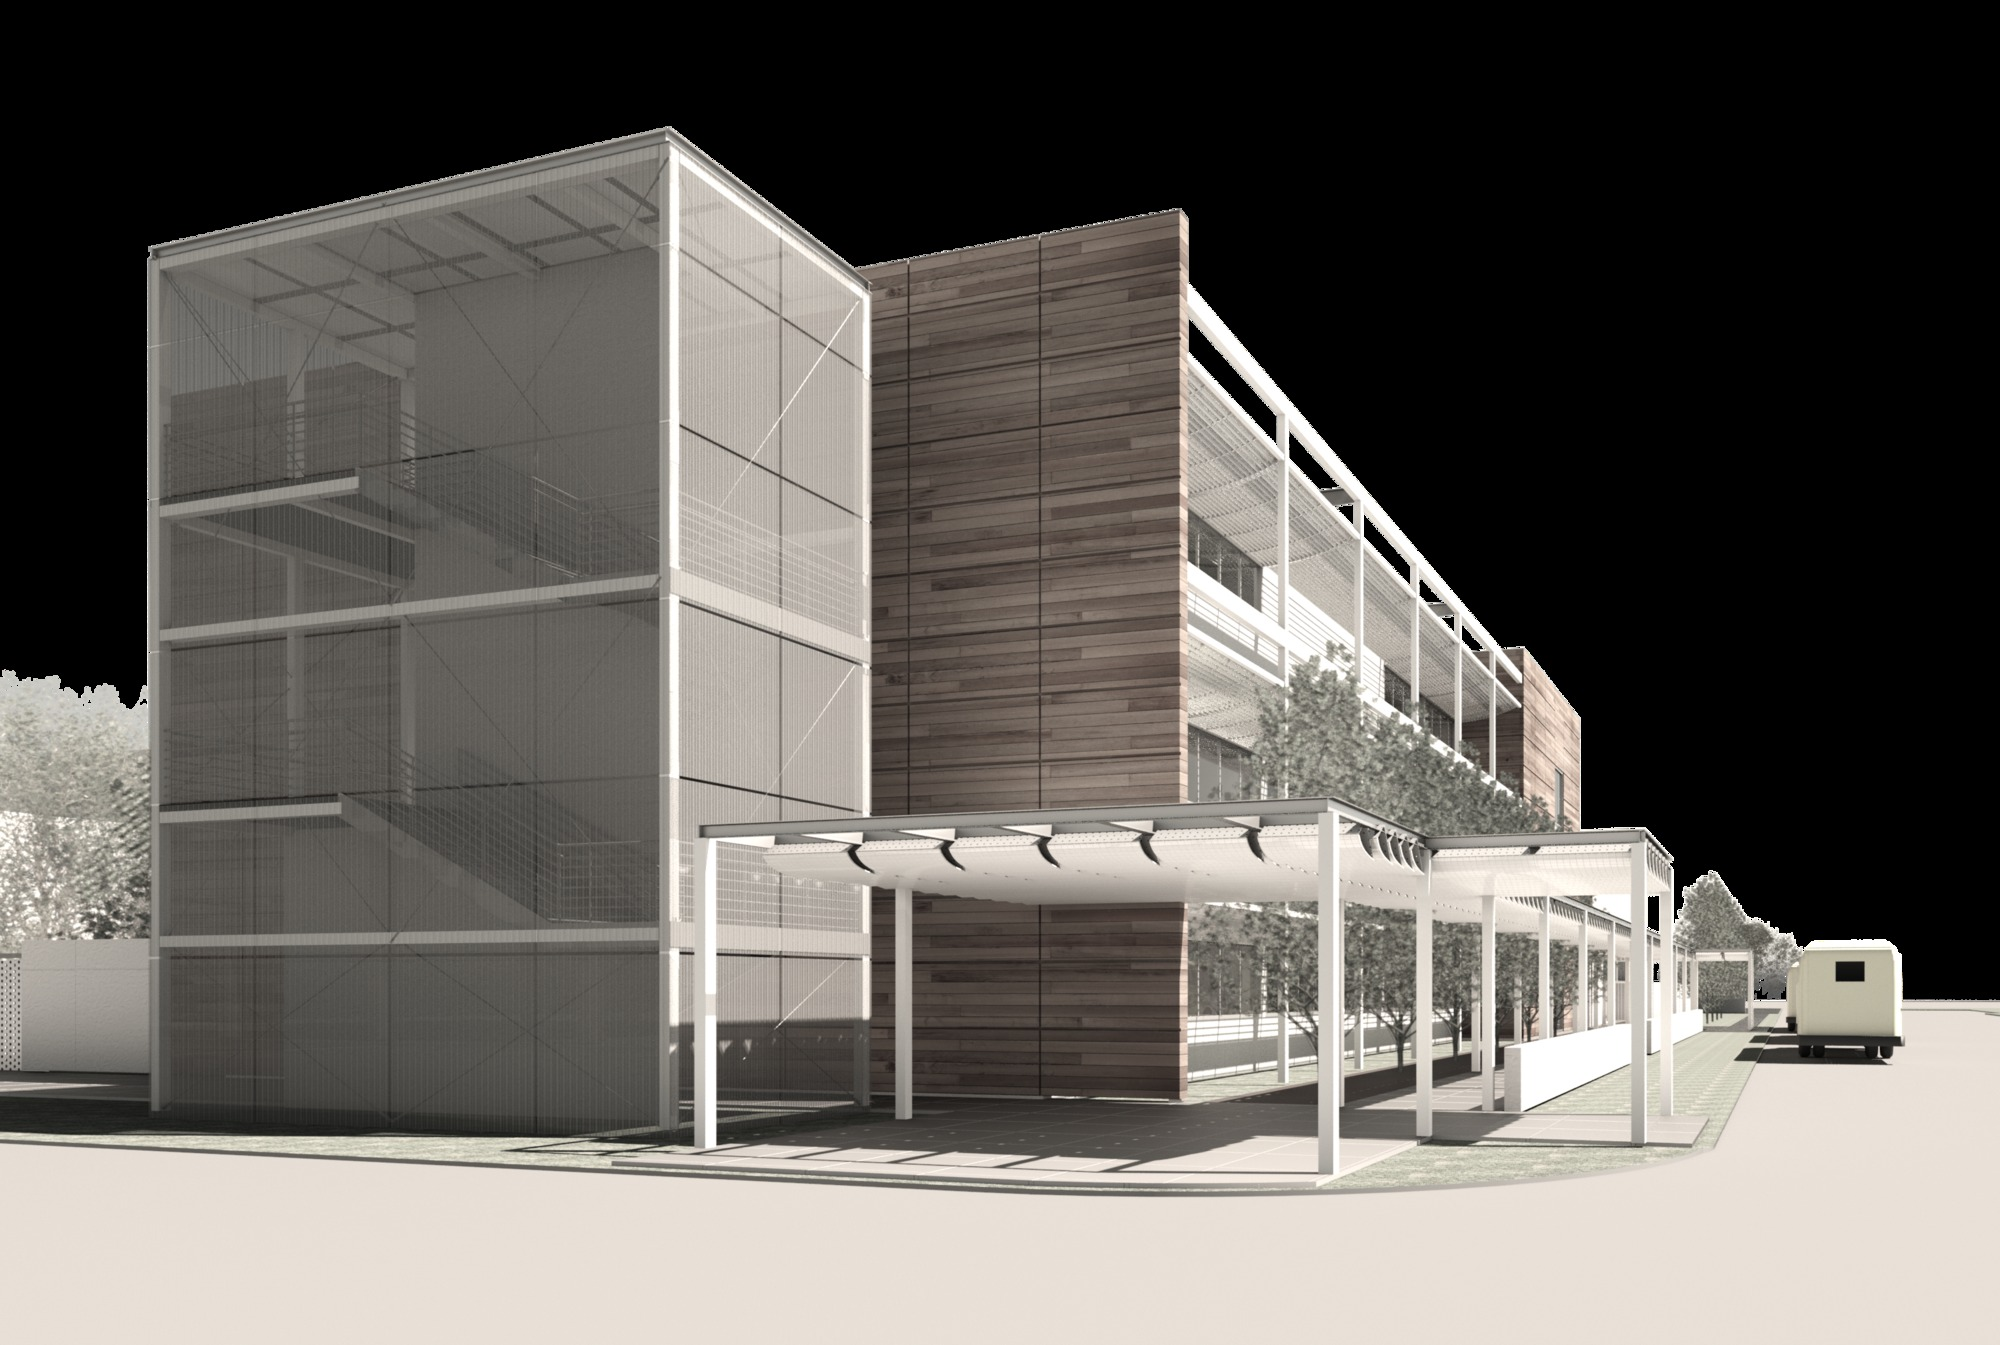 Raas-rendering20141103-6653-1udmabf